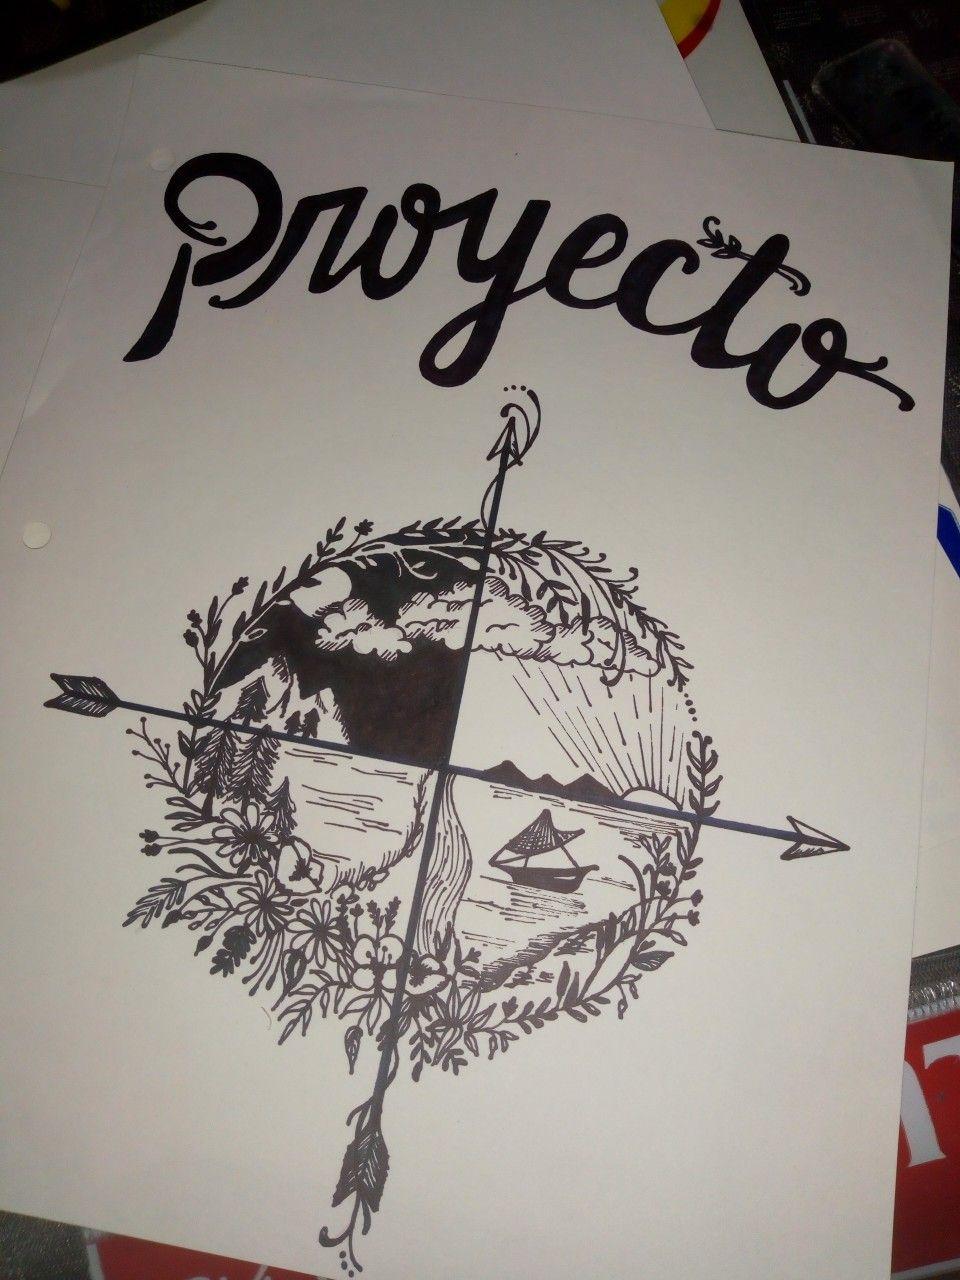 Caratula De Proyecto Caratula Arte Dibujo Tumblr Portadas De Proyectos Libreta De Apuntes Portada De Cuaderno De Dibujos